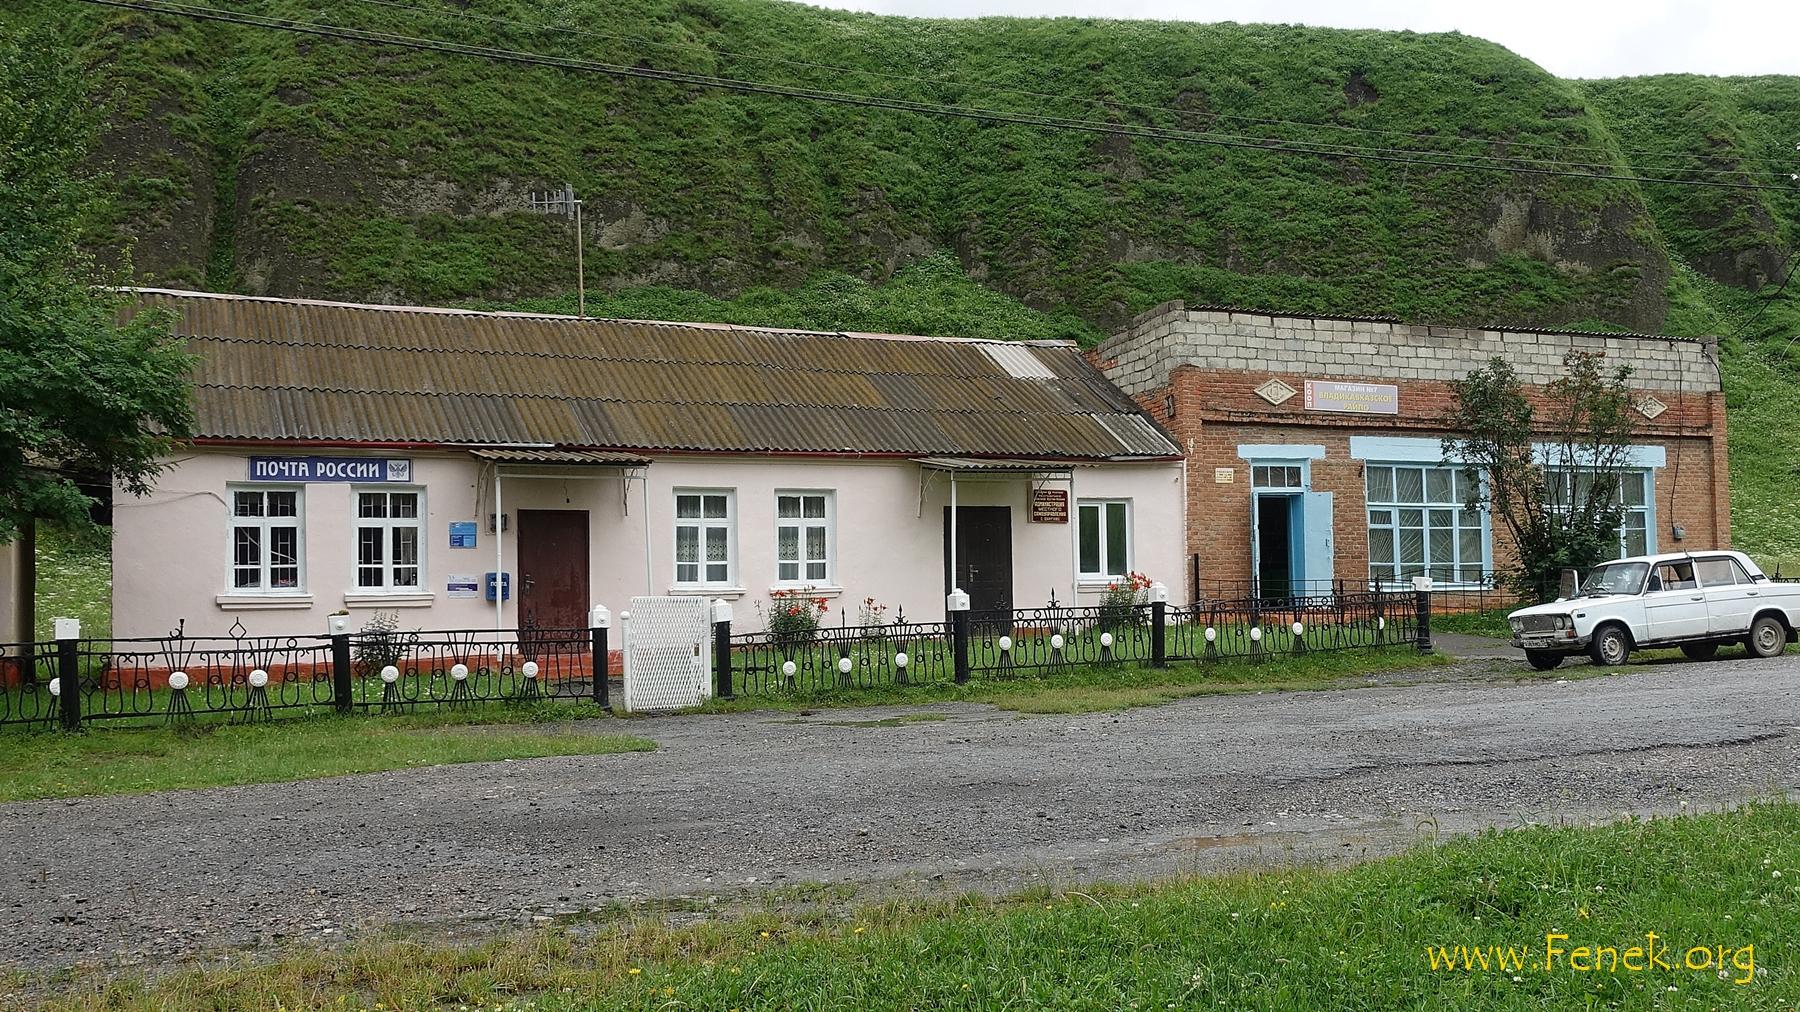 Post und Dorfladen auf dem Land